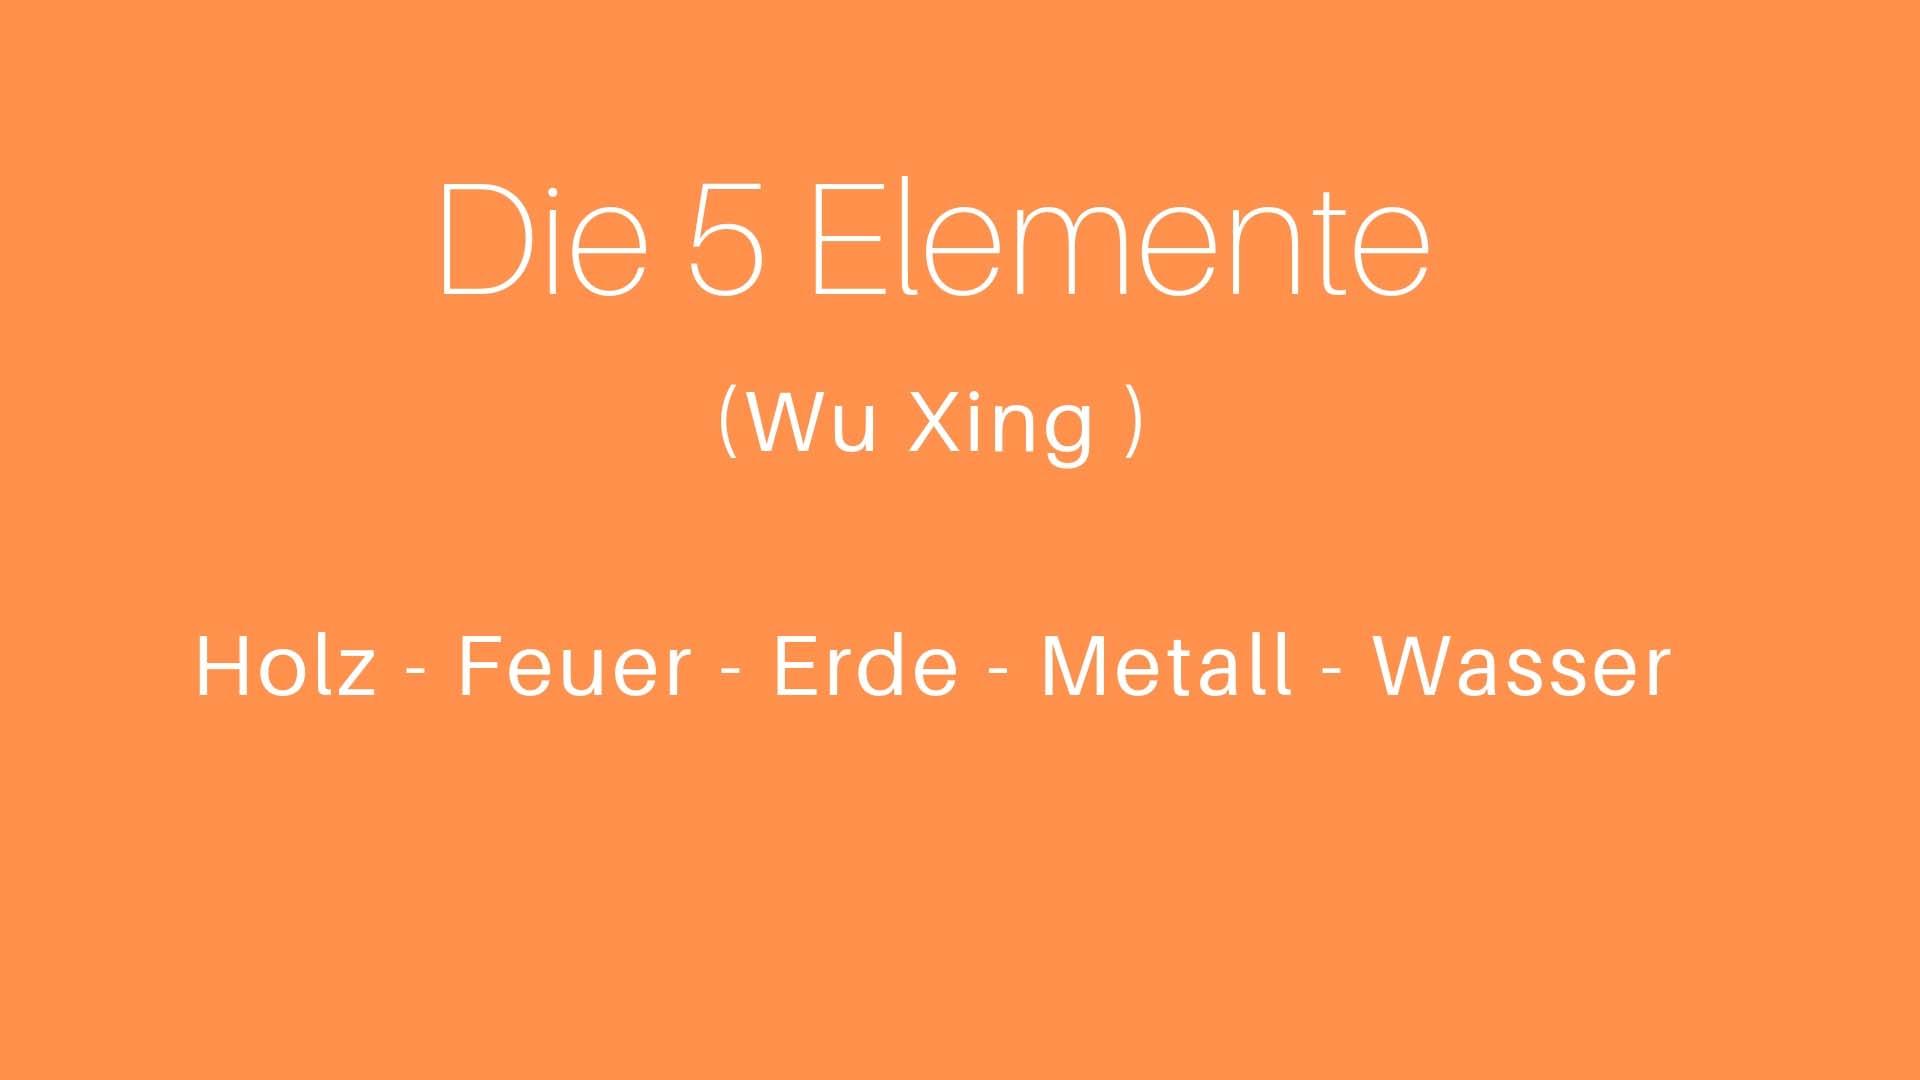 Die 5 Elemente der TCM / Wu Xing